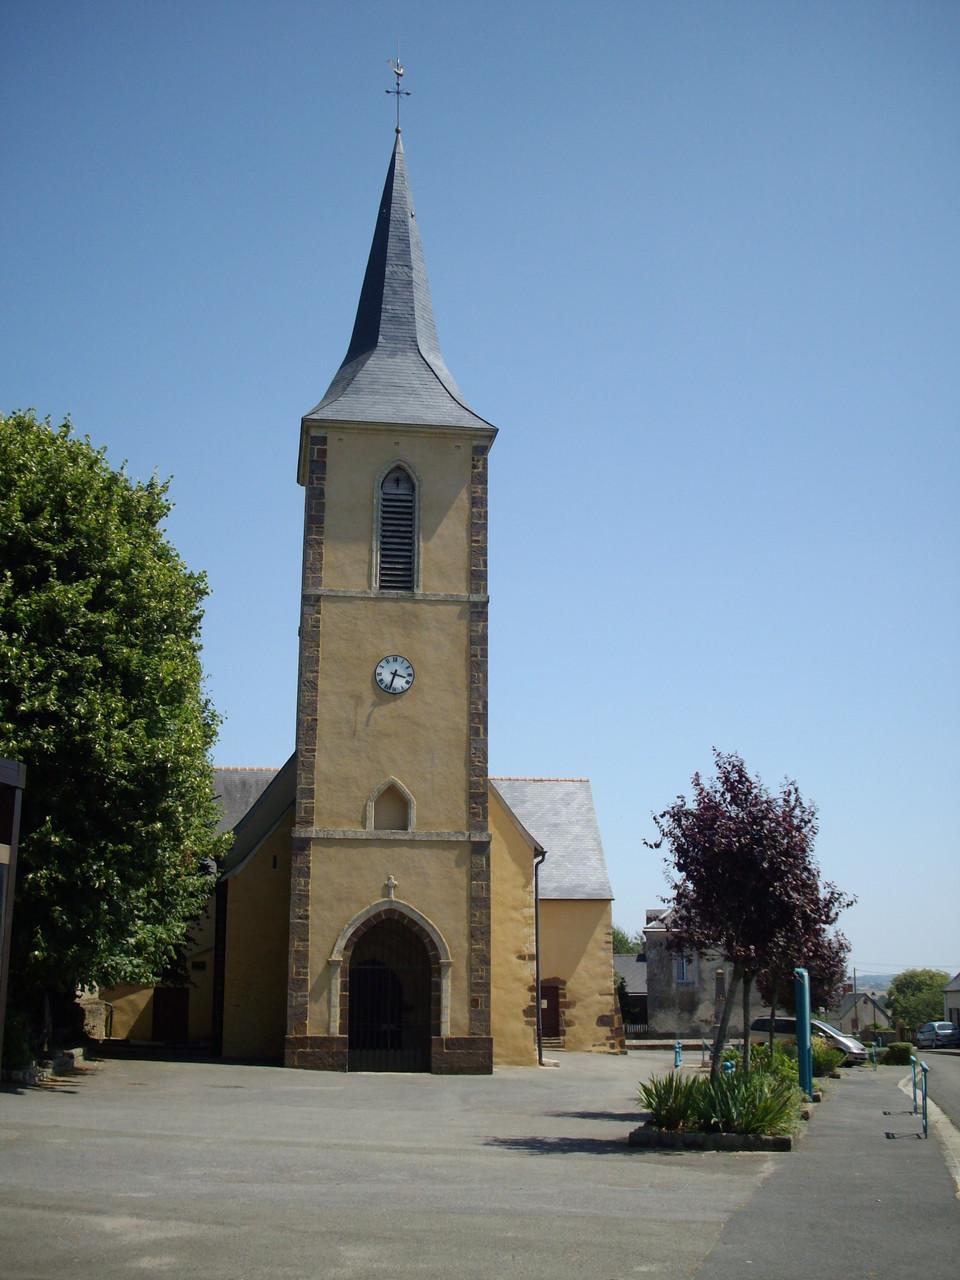 Eglise de Pezé le Robert